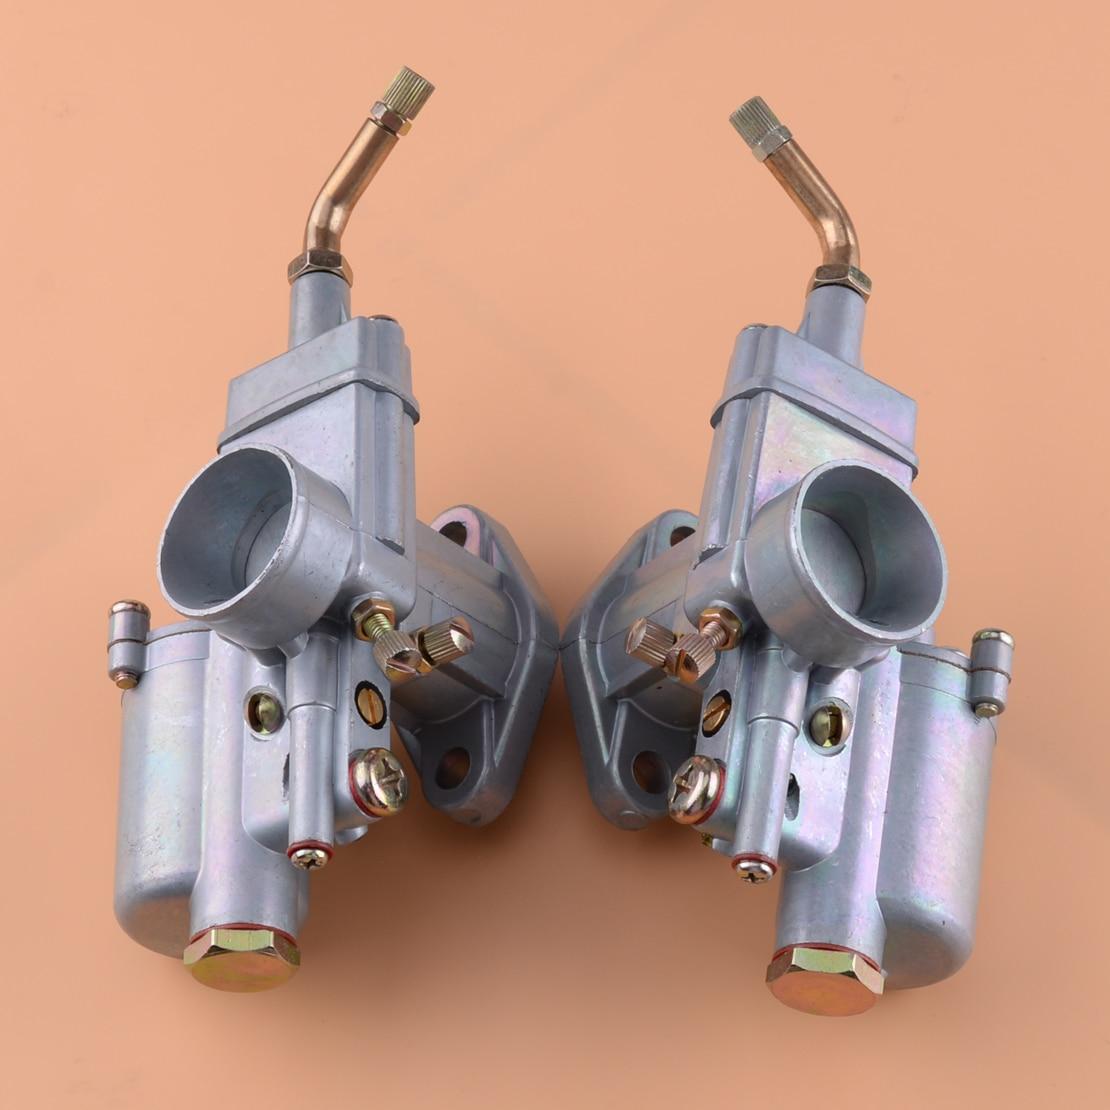 DWCX 1 paire 28mm paire de carburateur à gaz carburateur Carby adapté pour K302 BMW M72 MT URAL K750 MW Dnepr